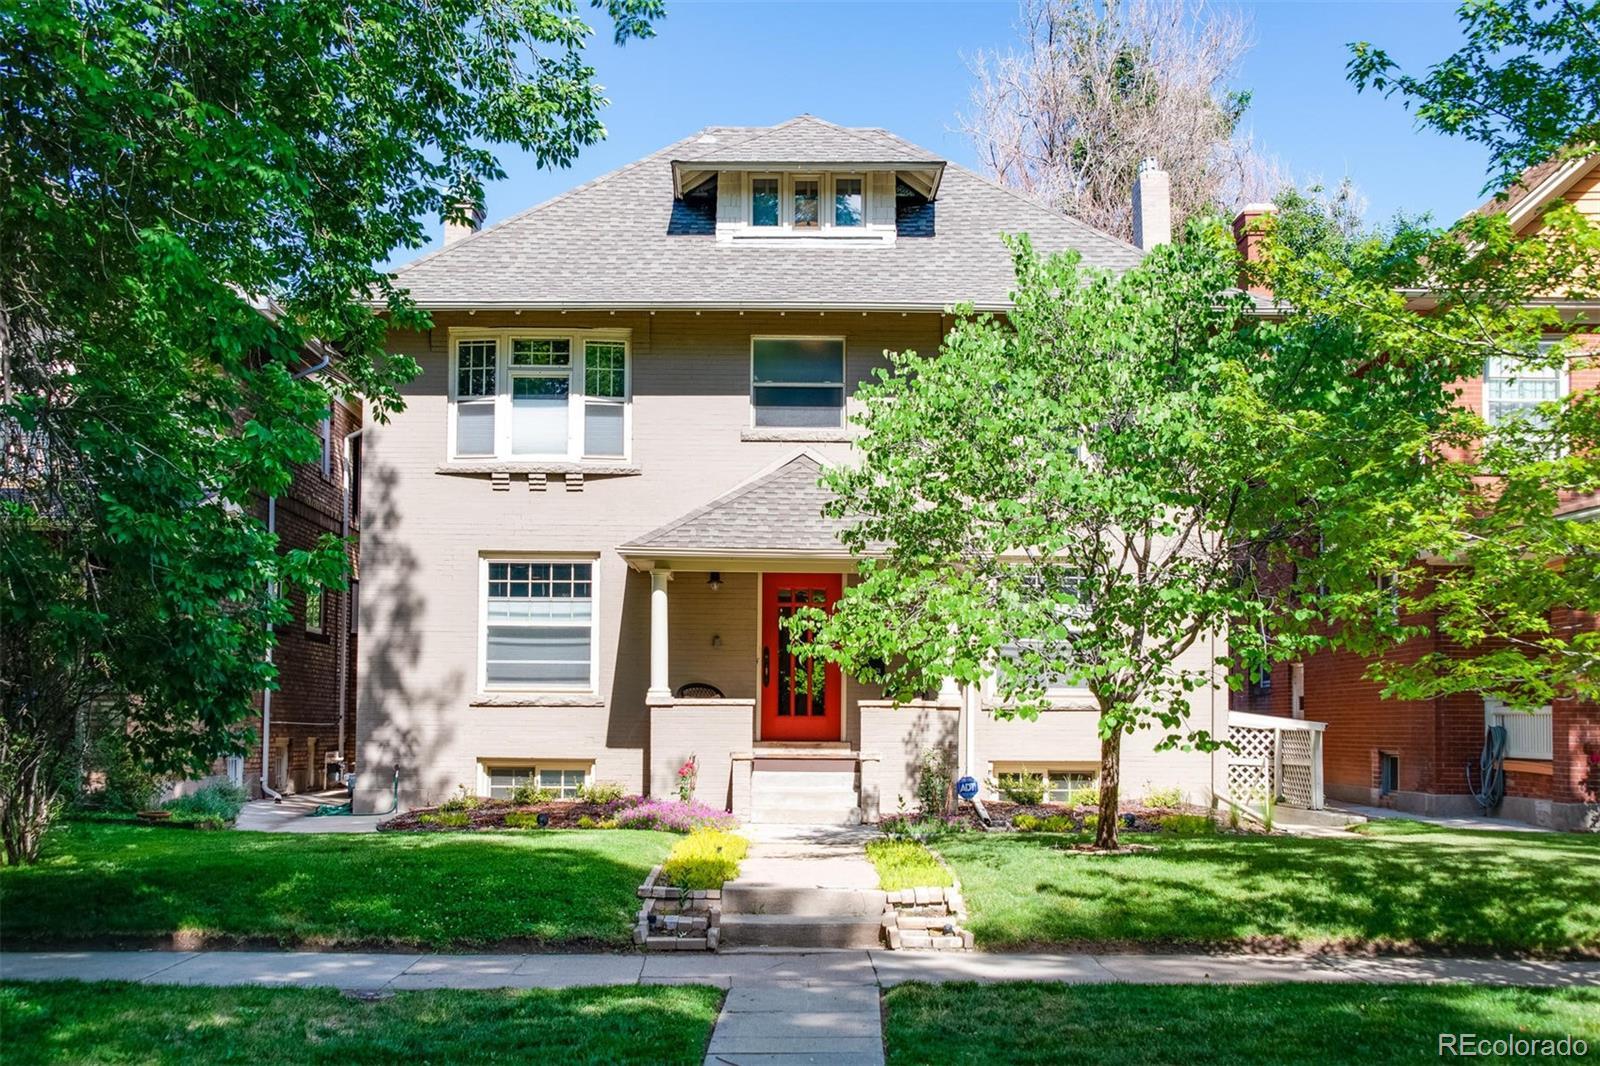 MLS# 6493976 - 1 - 850 N Lafayette Street, Denver, CO 80218